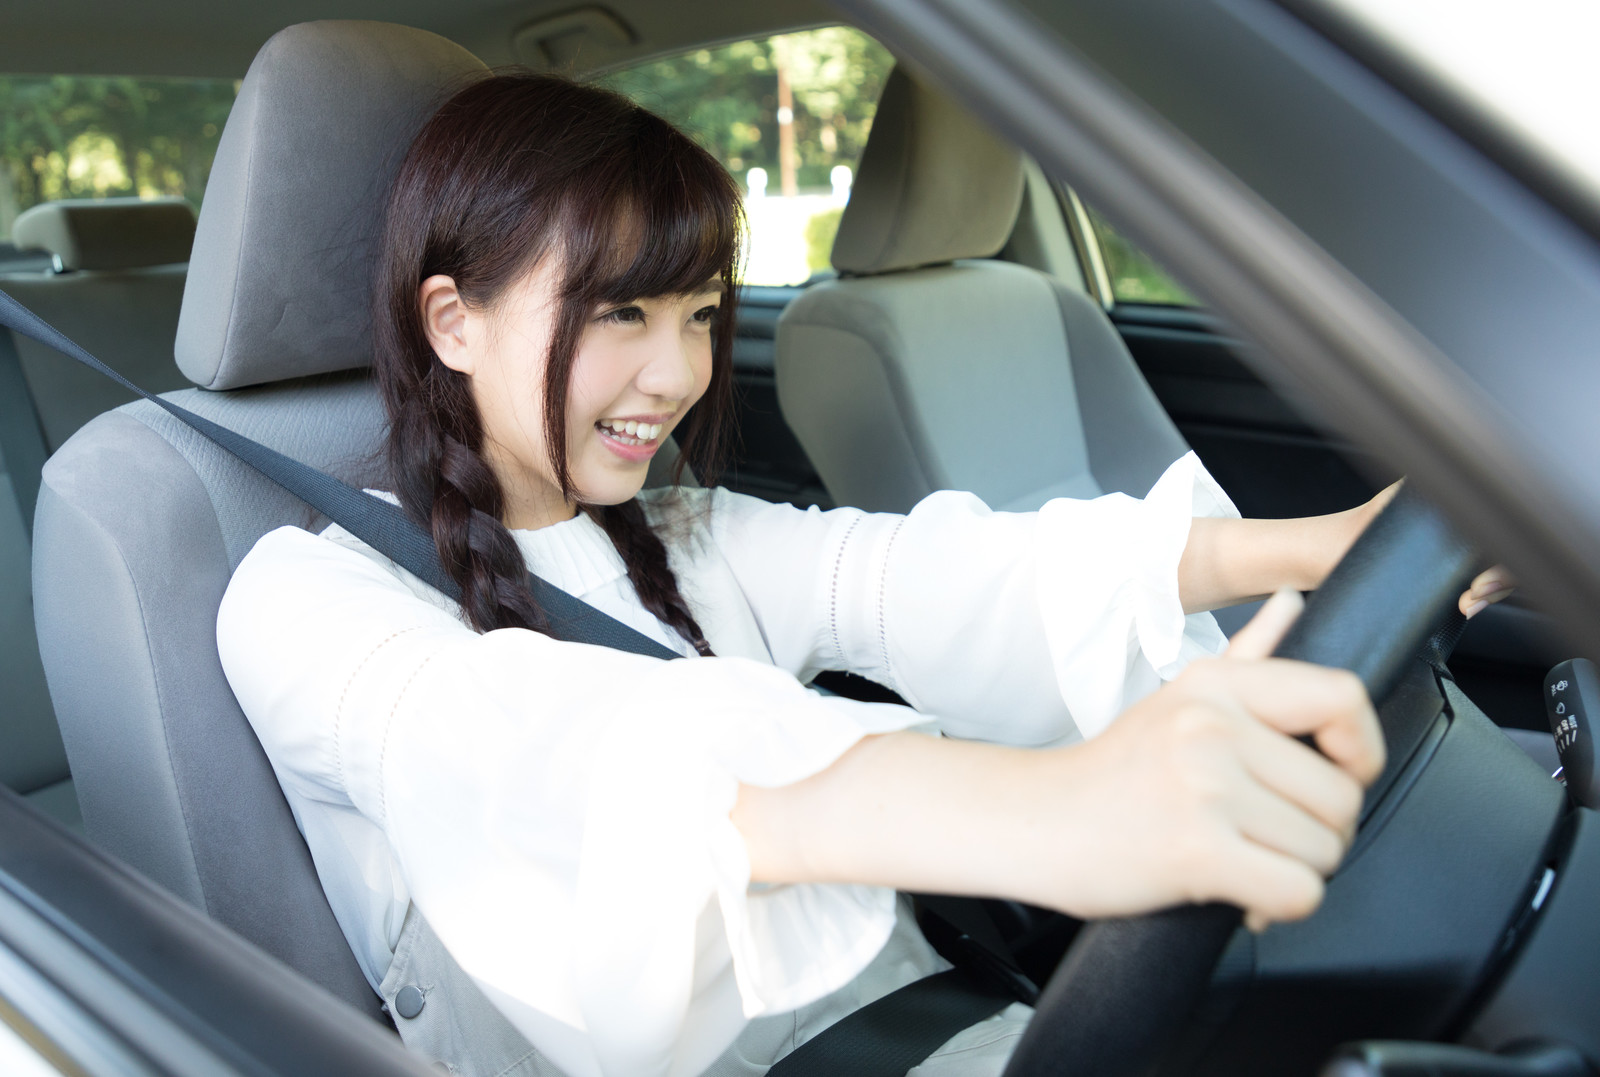 「今日は車で遠くへドライブ!今日は車で遠くへドライブ!」[モデル:河村友歌]のフリー写真素材を拡大